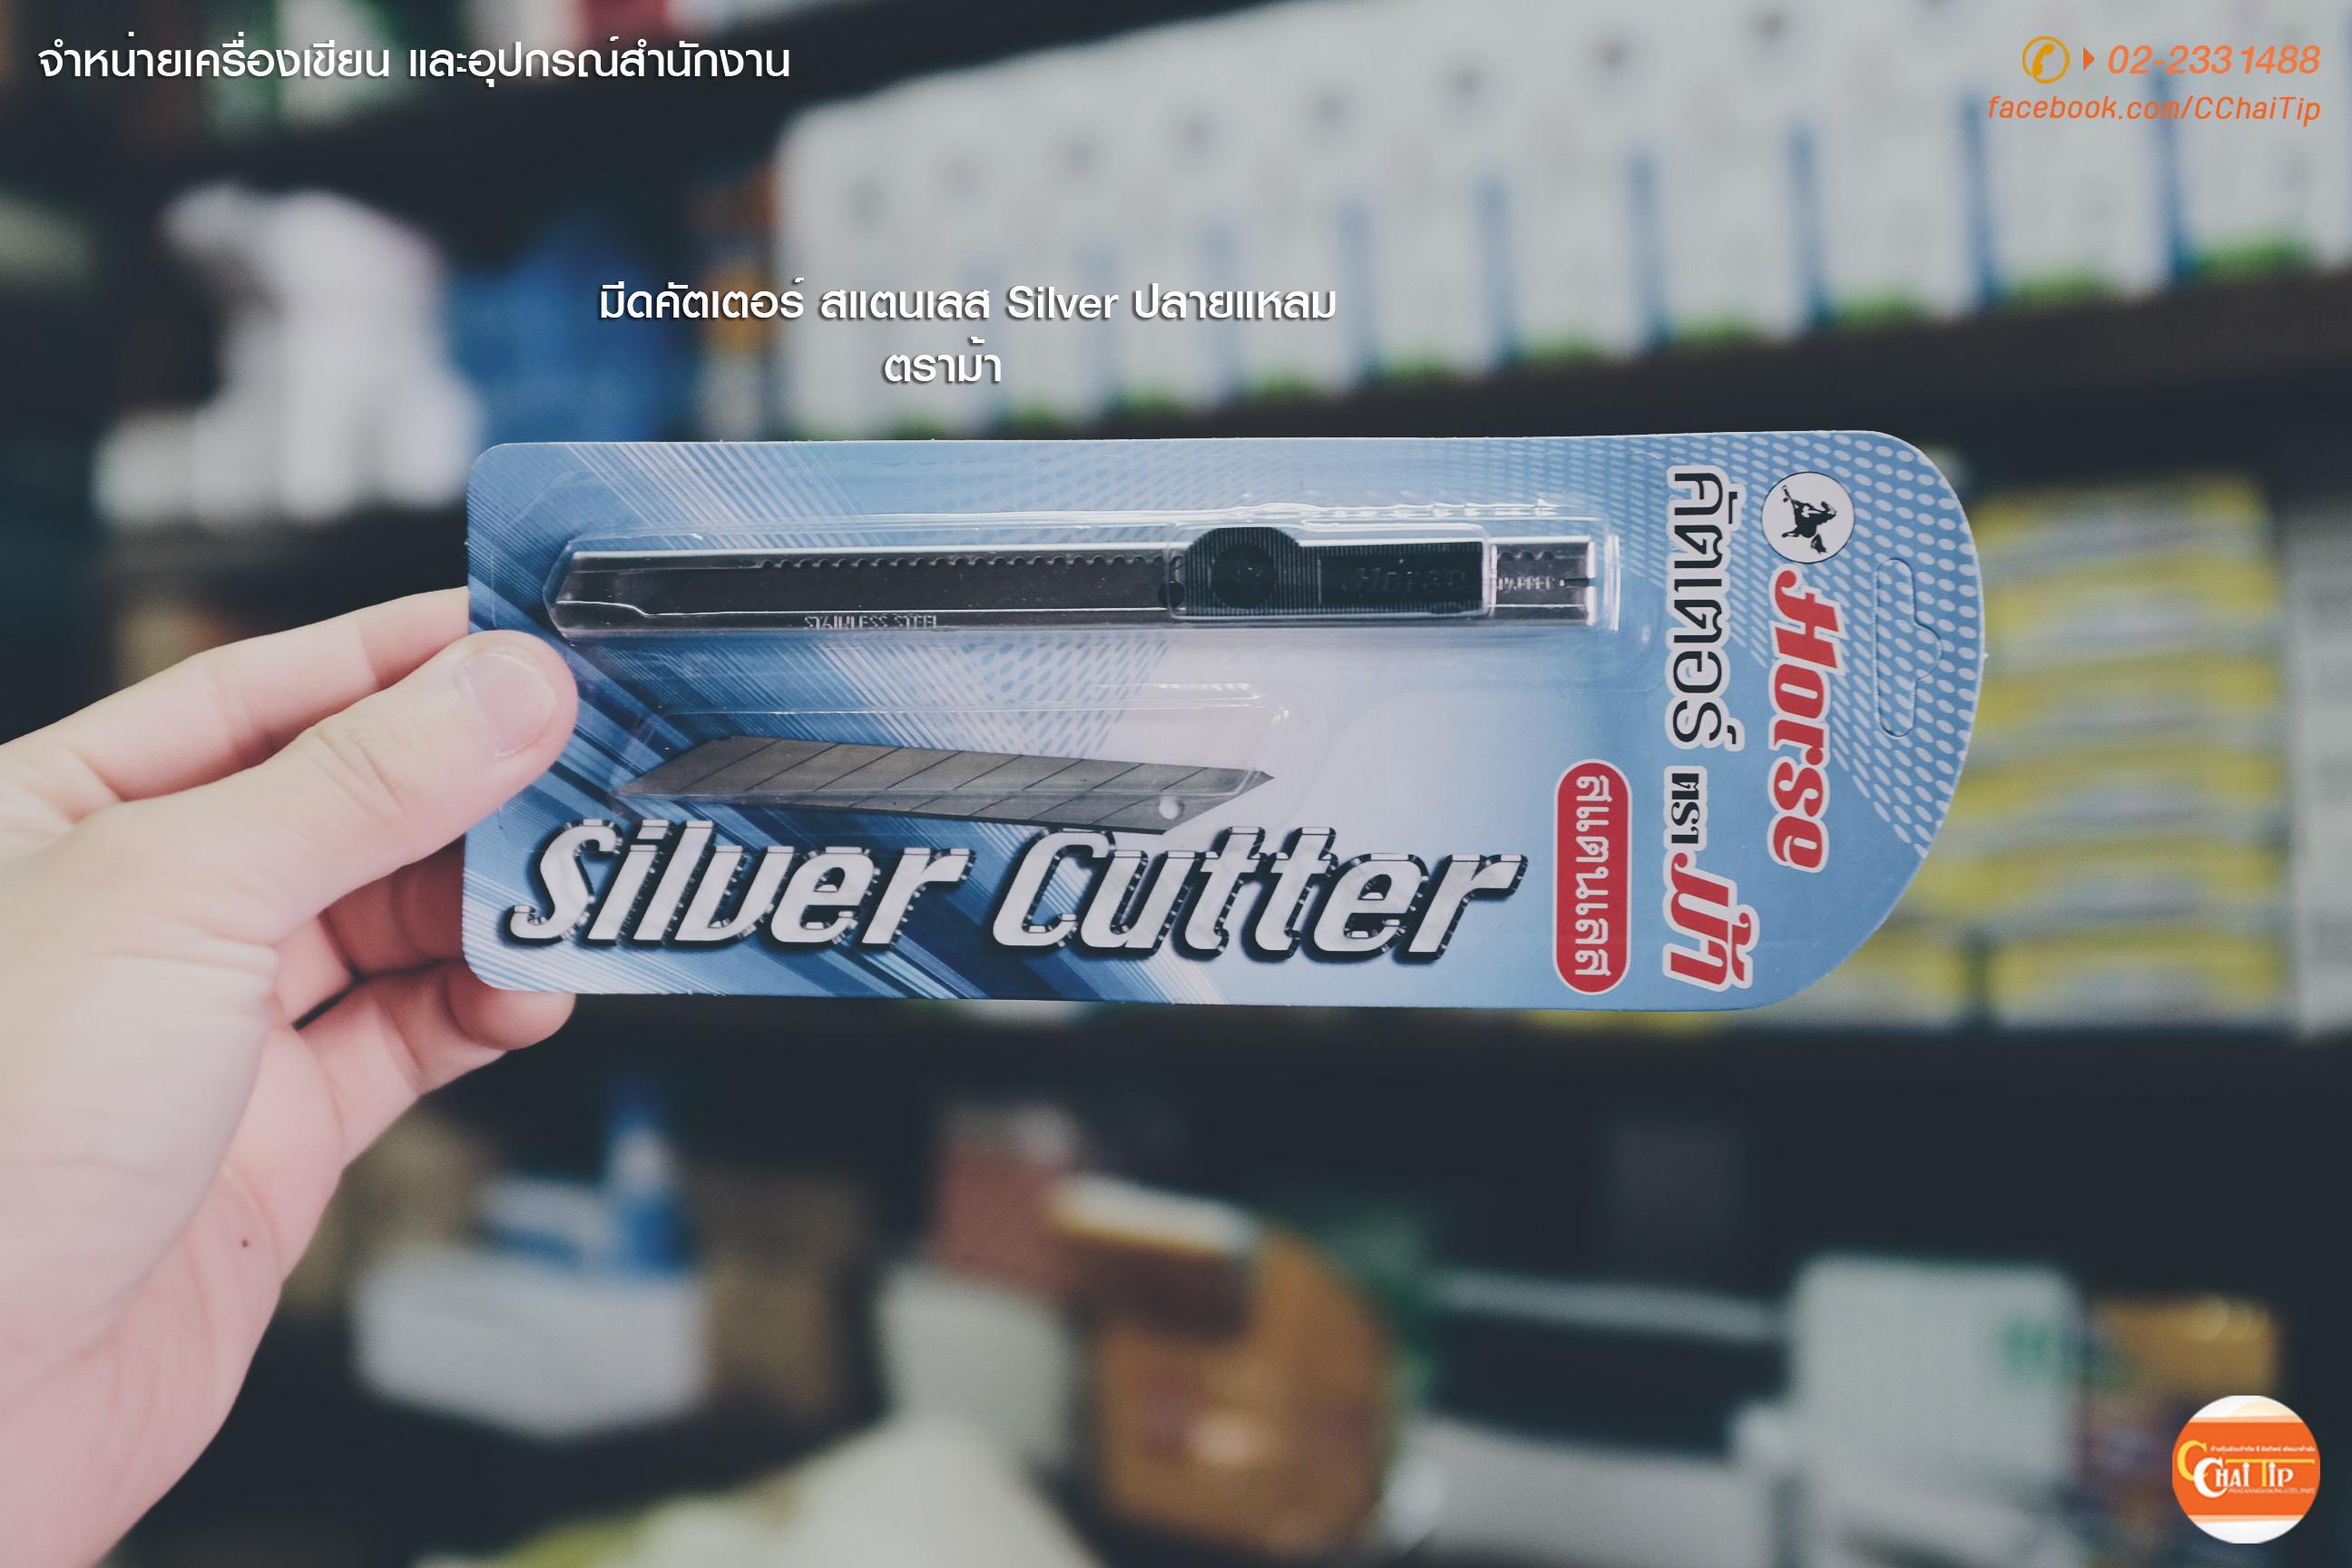 มีดคัตเตอร์ สแตนเลส Silver ปลายแหลม ตราม้า